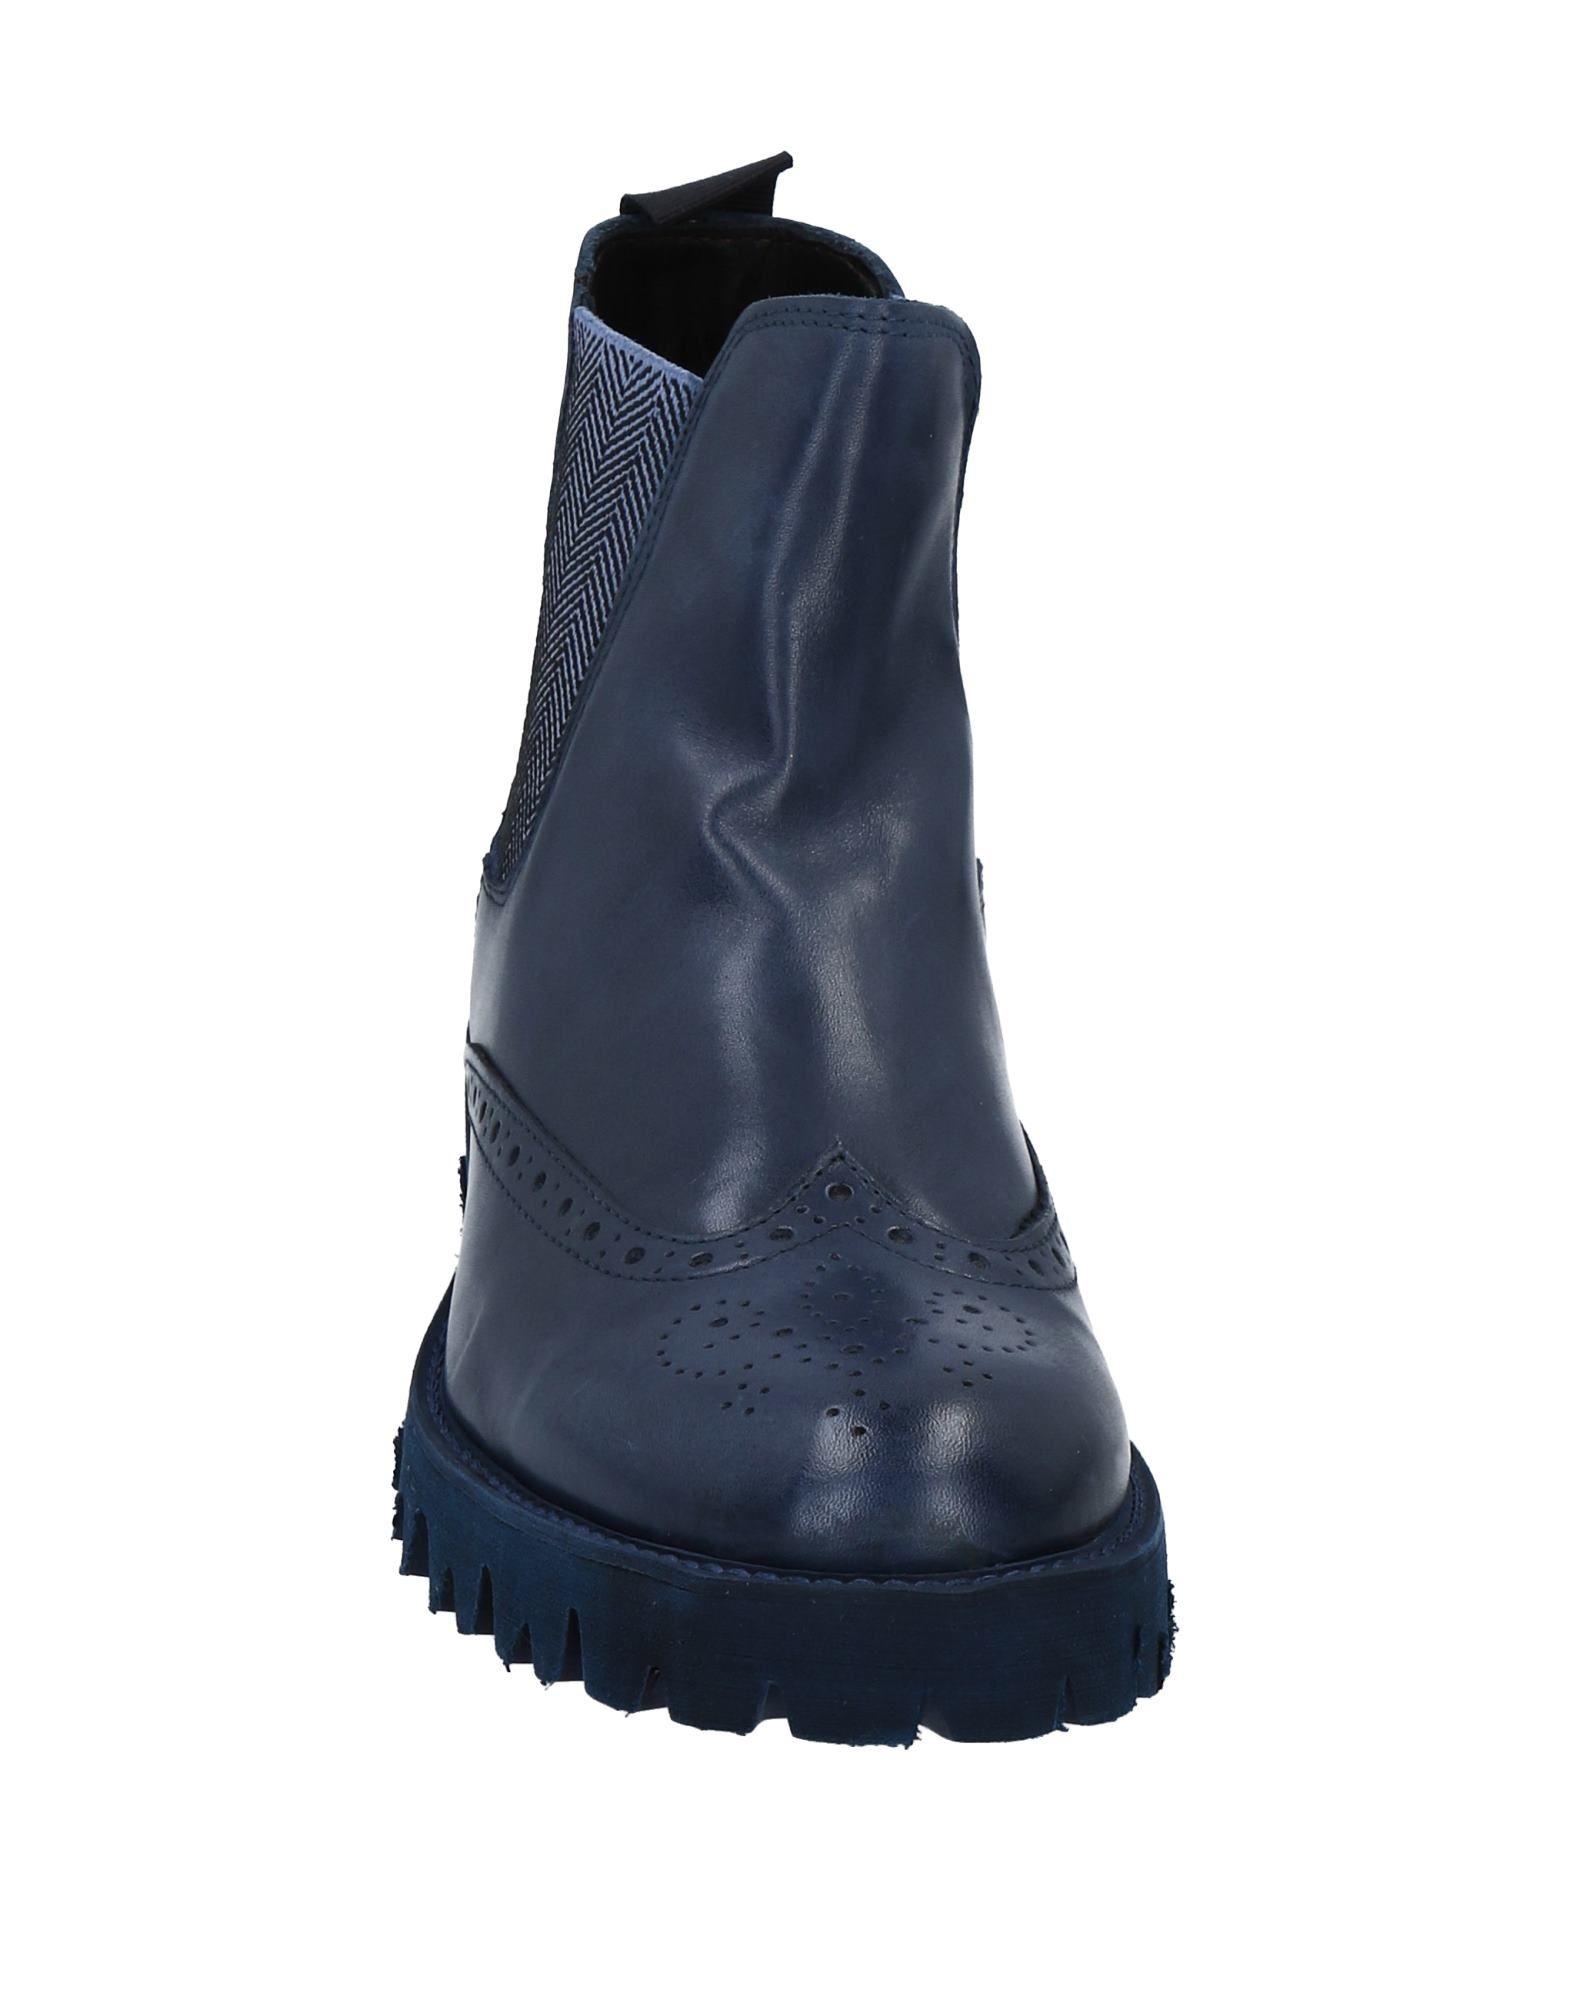 Bottega Marchigiana Stiefelette Herren  11542402IX Gute Qualität beliebte Schuhe